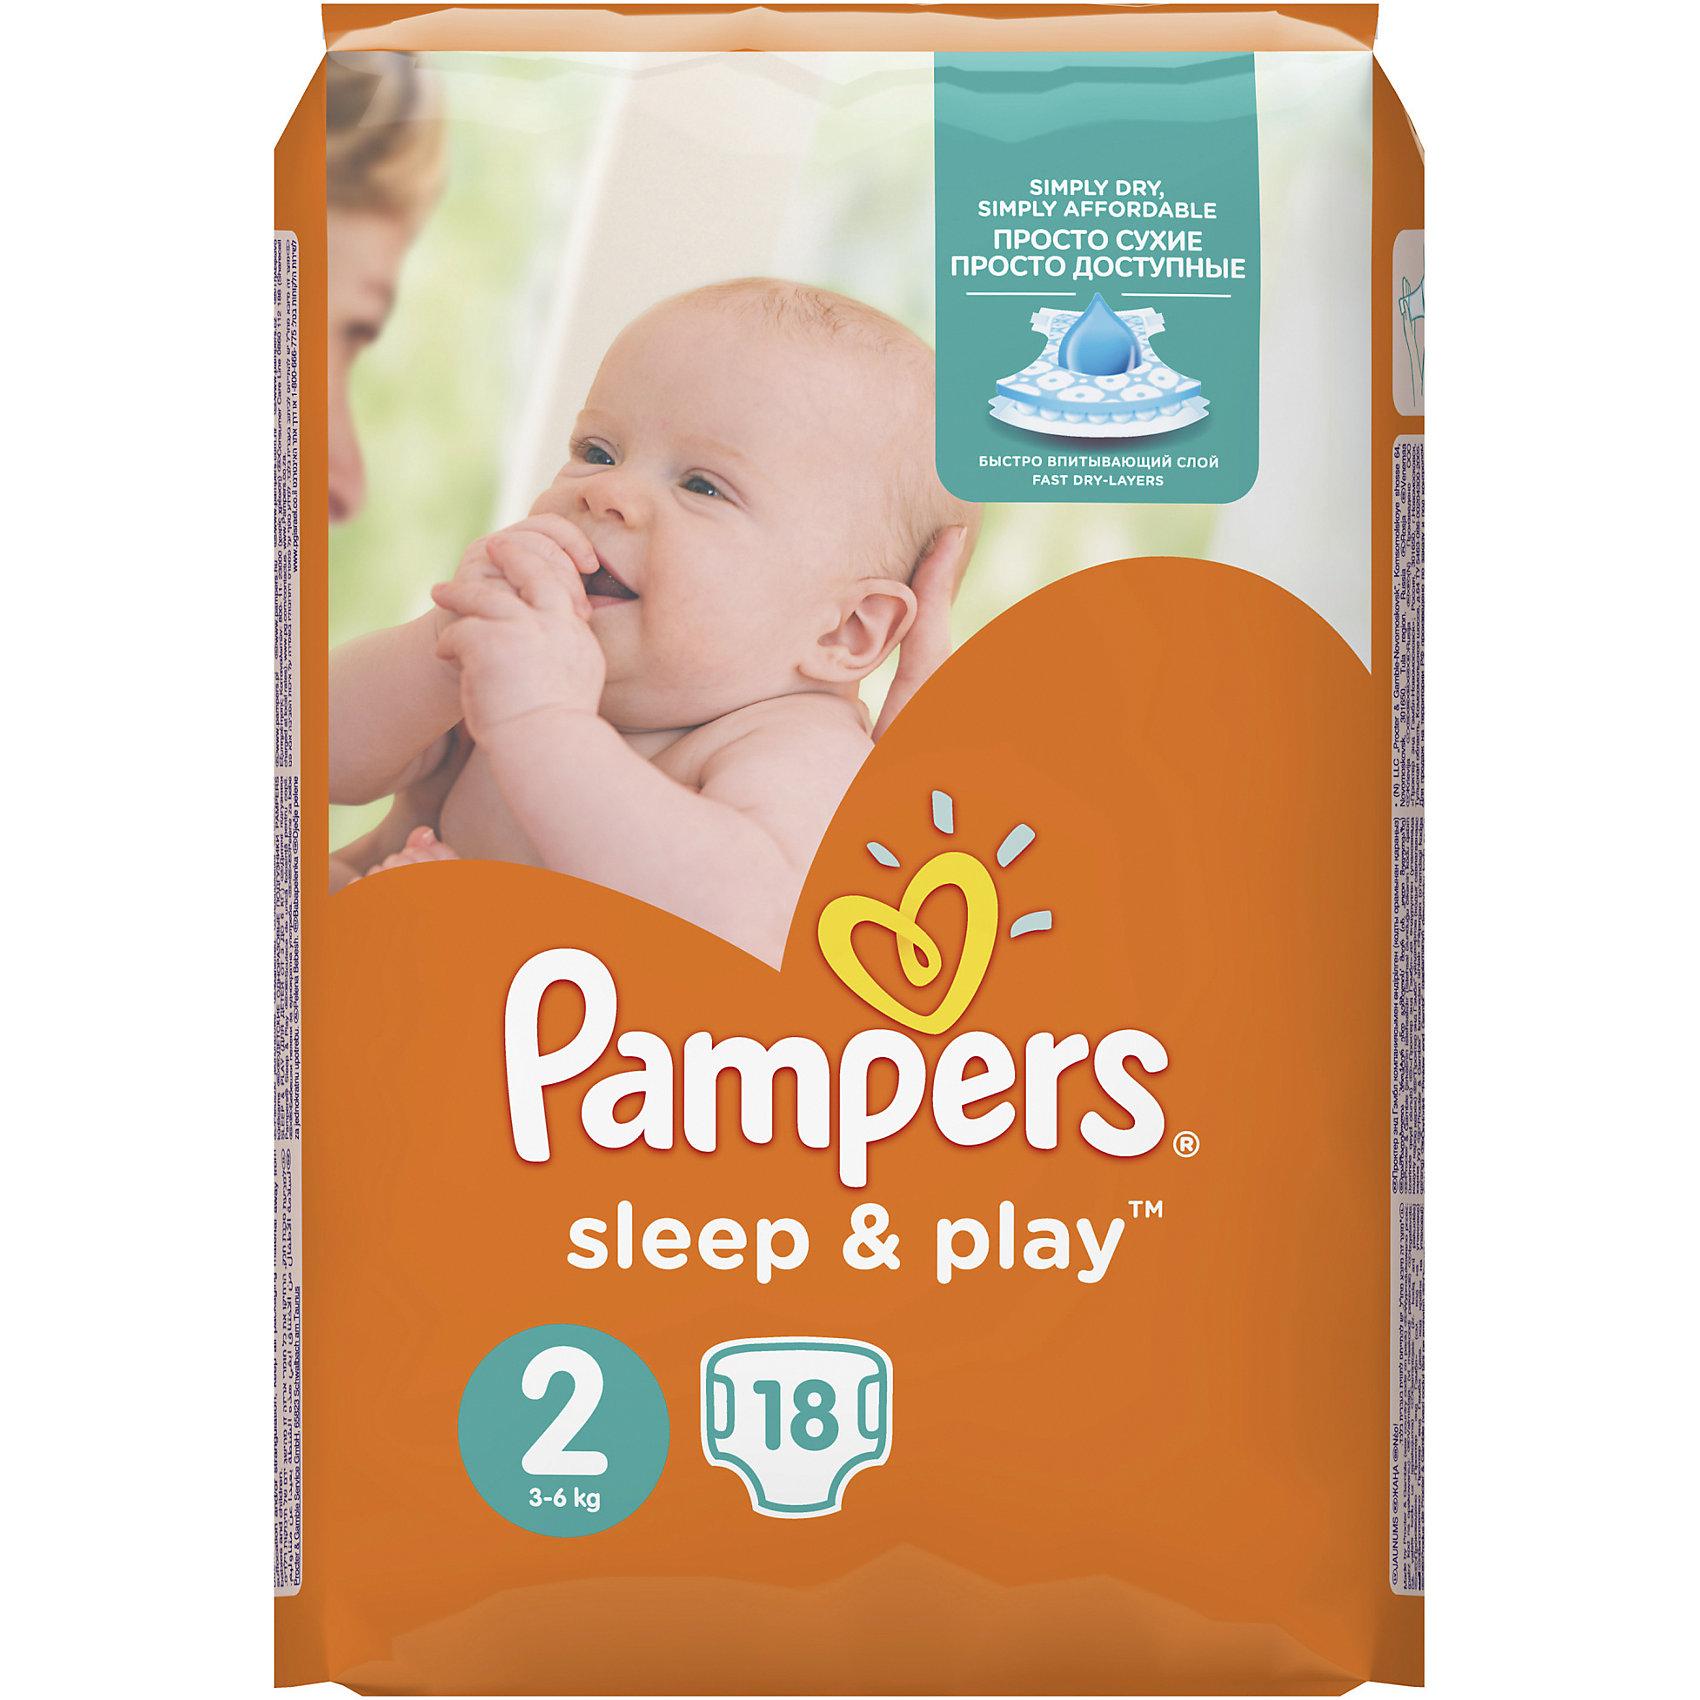 Подгузники Pampers Sleep &amp; Play Mini, 3-6 кг., 18 шт.Подгузники классические<br>Подгузники Pampers Sleep &amp; Play Mini (Памперс слип энд плей), 3-6 кг., 18 шт.<br><br>Характеристики:<br><br>• быстро впитывают и распределяют влагу<br>• эластичные боковинки<br>• манжеты, предотвращающие протекание<br>• застежки-липучки можно регулировать<br>• яркий дизайн<br>• размер: 3-6 кг<br>• количество: 18 шт.<br>• размер упаковки: 18х15,7х11,4 см<br>• вес: 340 грамм<br><br>Подгузники Pampers Sleep &amp; Play Mini быстро впитывают влагу и надежно удерживают ее внутри. Эластичные боковинки и манжеты не вызывают раздражения и защищают подгузник от протеканий. Регулируемые застежки-липучки очень удобны в использовании. Вы сможете с легкостью застегнуть подгузник повторно в случае необходимости. С подгузниками Pampers Sleep &amp; Play ваш малыш с комфортом будет знакомиться с окружающим миром!<br><br>Подгузники Pampers Sleep &amp; Play Mini (Памперс слип энд плей), 3-6 кг., 18 шт. можно купить в нашем интернет-магазине.<br><br>Ширина мм: 114<br>Глубина мм: 157<br>Высота мм: 180<br>Вес г: 340<br>Возраст от месяцев: 0<br>Возраст до месяцев: 6<br>Пол: Унисекс<br>Возраст: Детский<br>SKU: 5423654